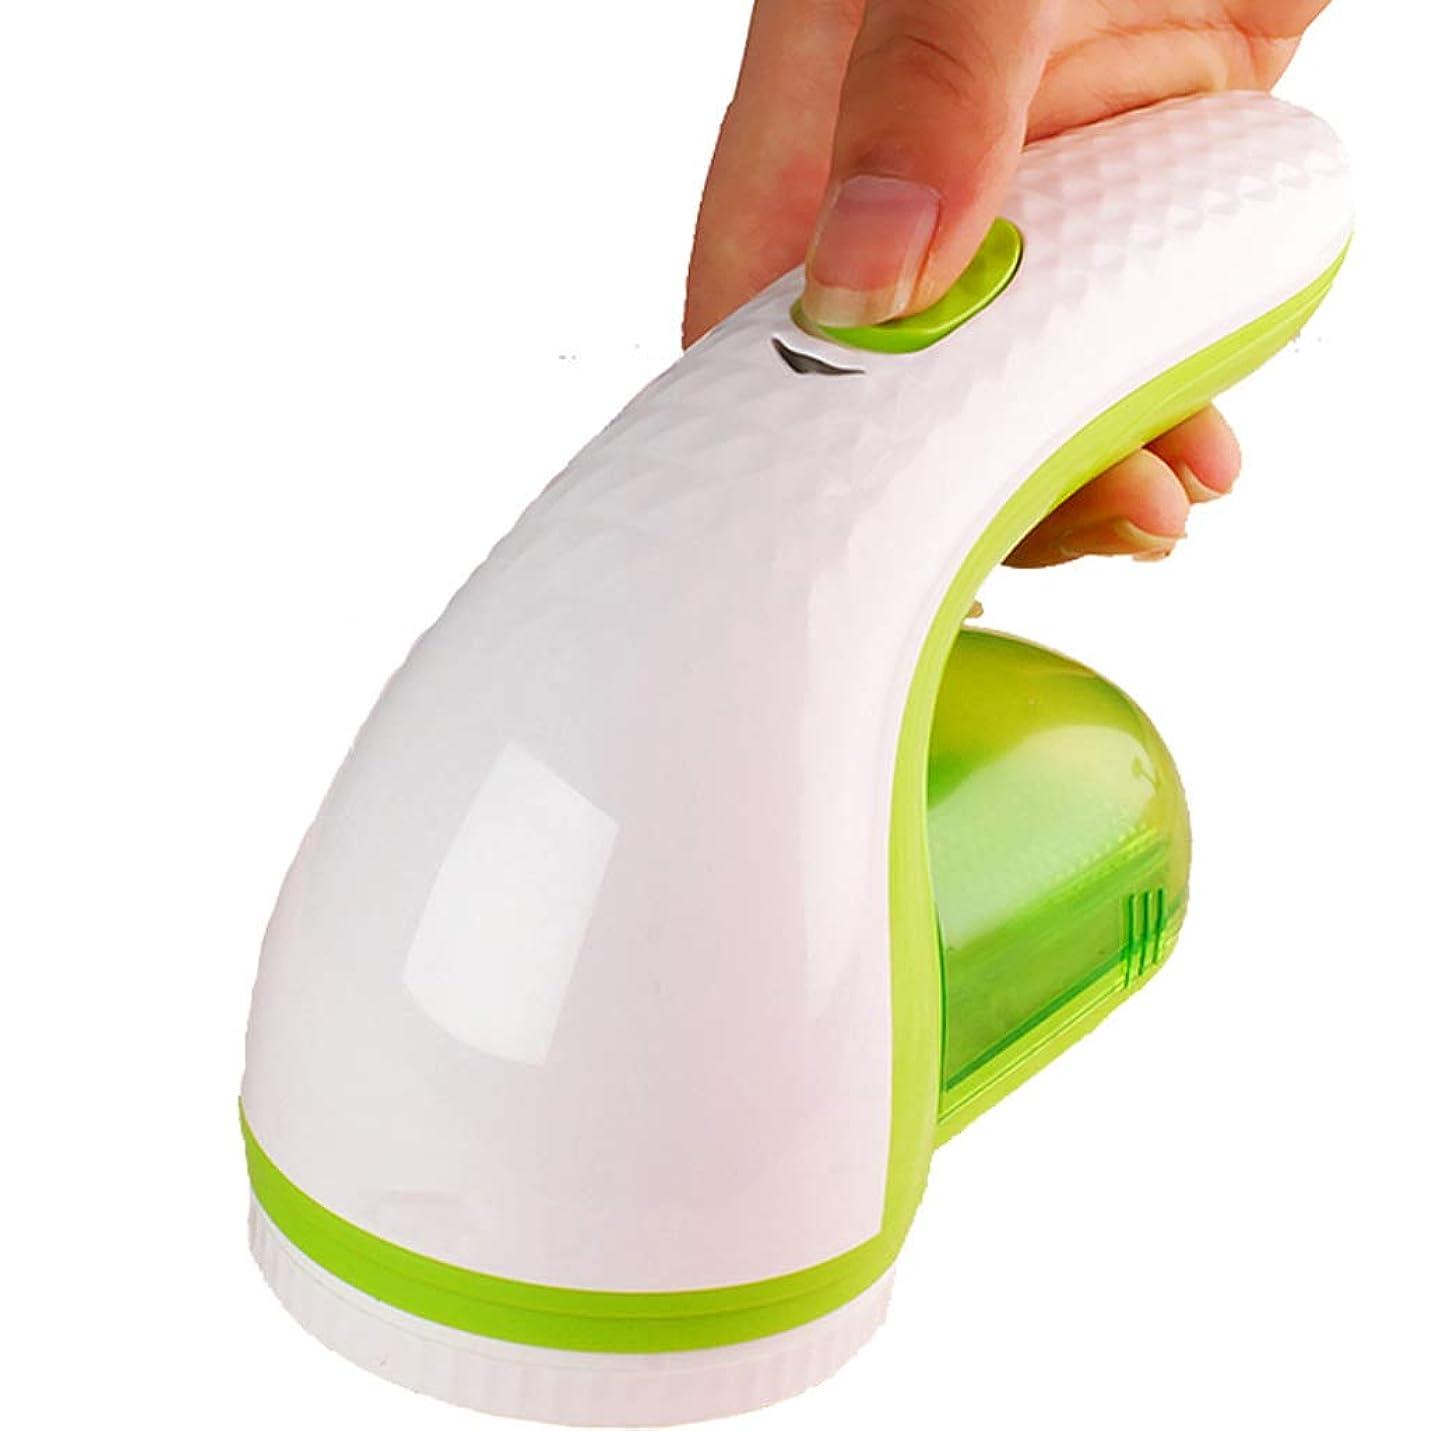 キャンペーン磁気レイプNN ファブリックシェーバー - リントリムーバー衣類シェーバーポータブルリチャージブルボブファブリックシェーバー剃刀 衣類ケア機器